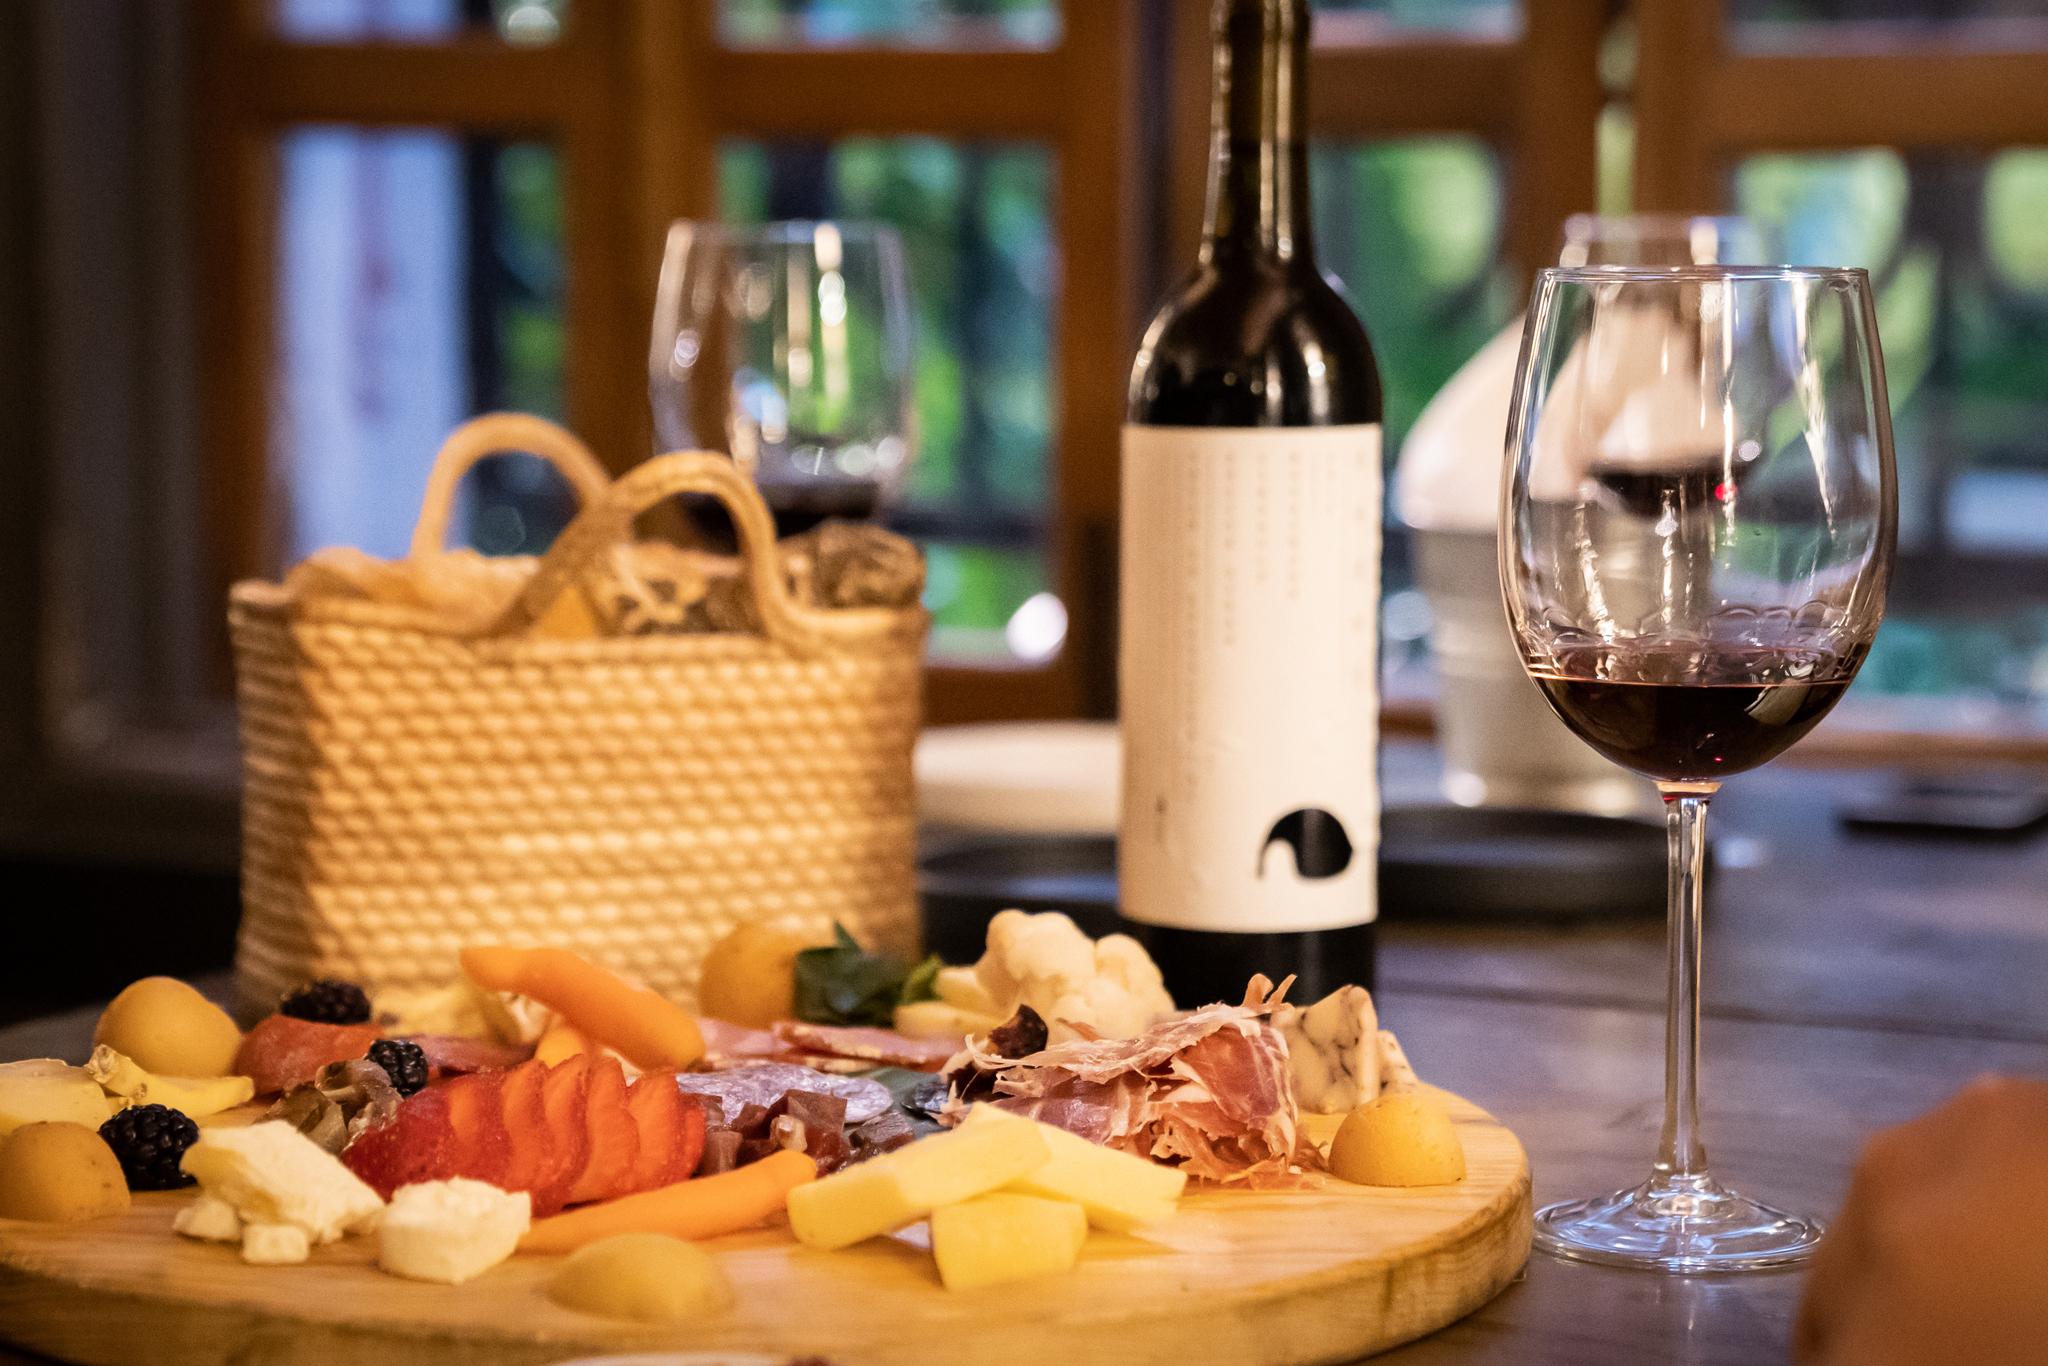 Ruta del vino en la Roma: 3 'spots' para disfrutar de una copa si estás por la zona